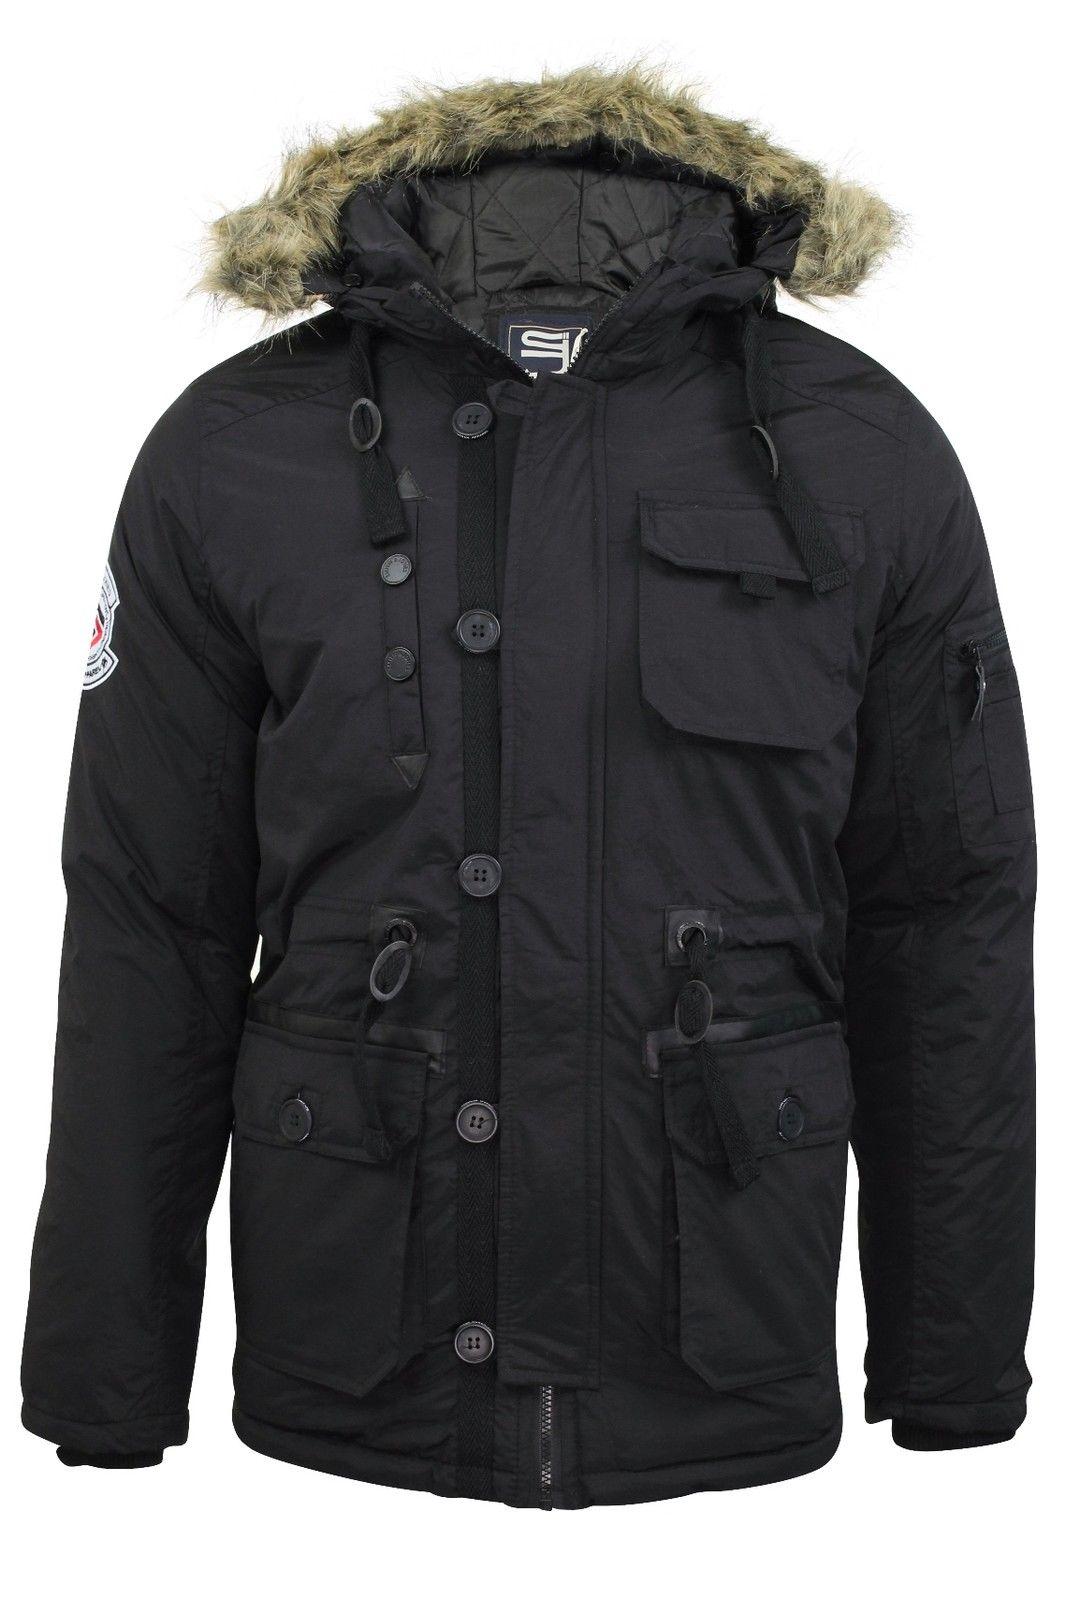 Mens Parka Parker Hood Padded Lined Winter Jacket Faux Fur